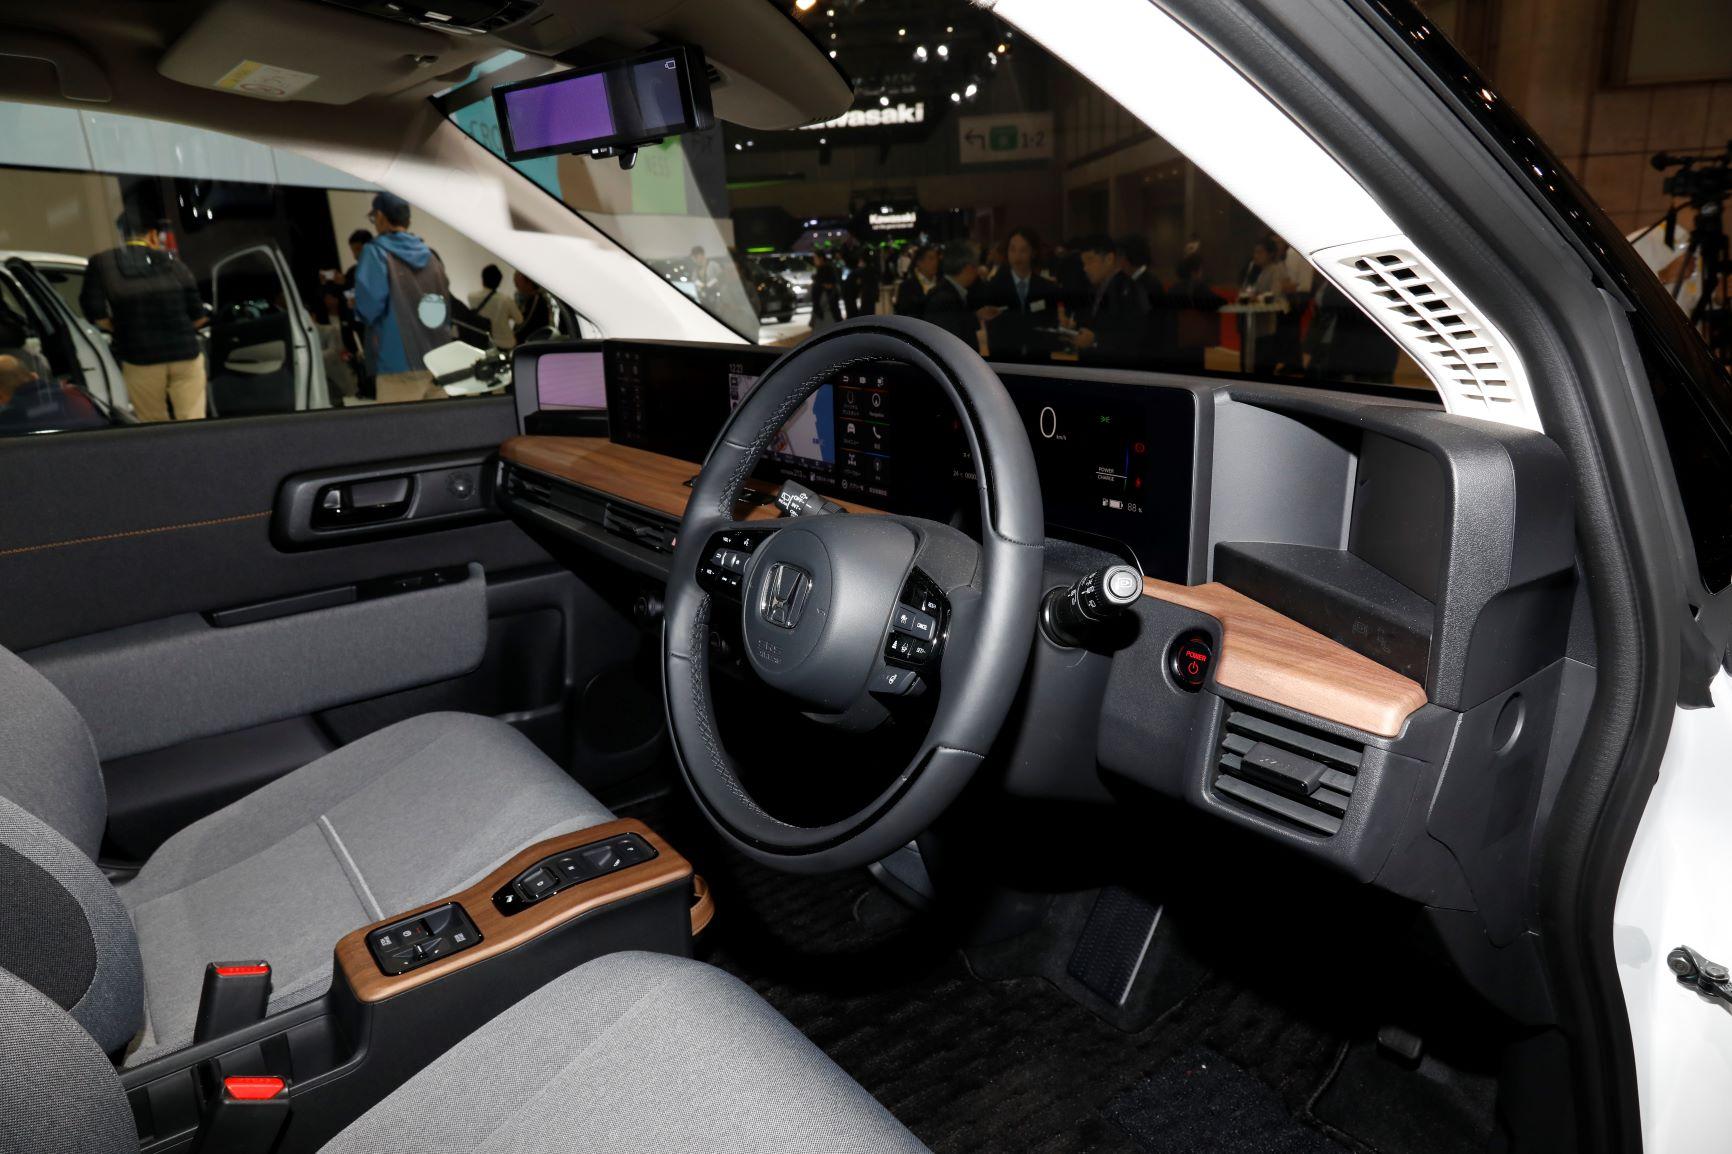 ホンダ、注目の電気自動車(EV) 「Honda e」が東京モーターショー2019が登場! ドアミラーが「サイドカメラミラーシステム」なことも要チェック